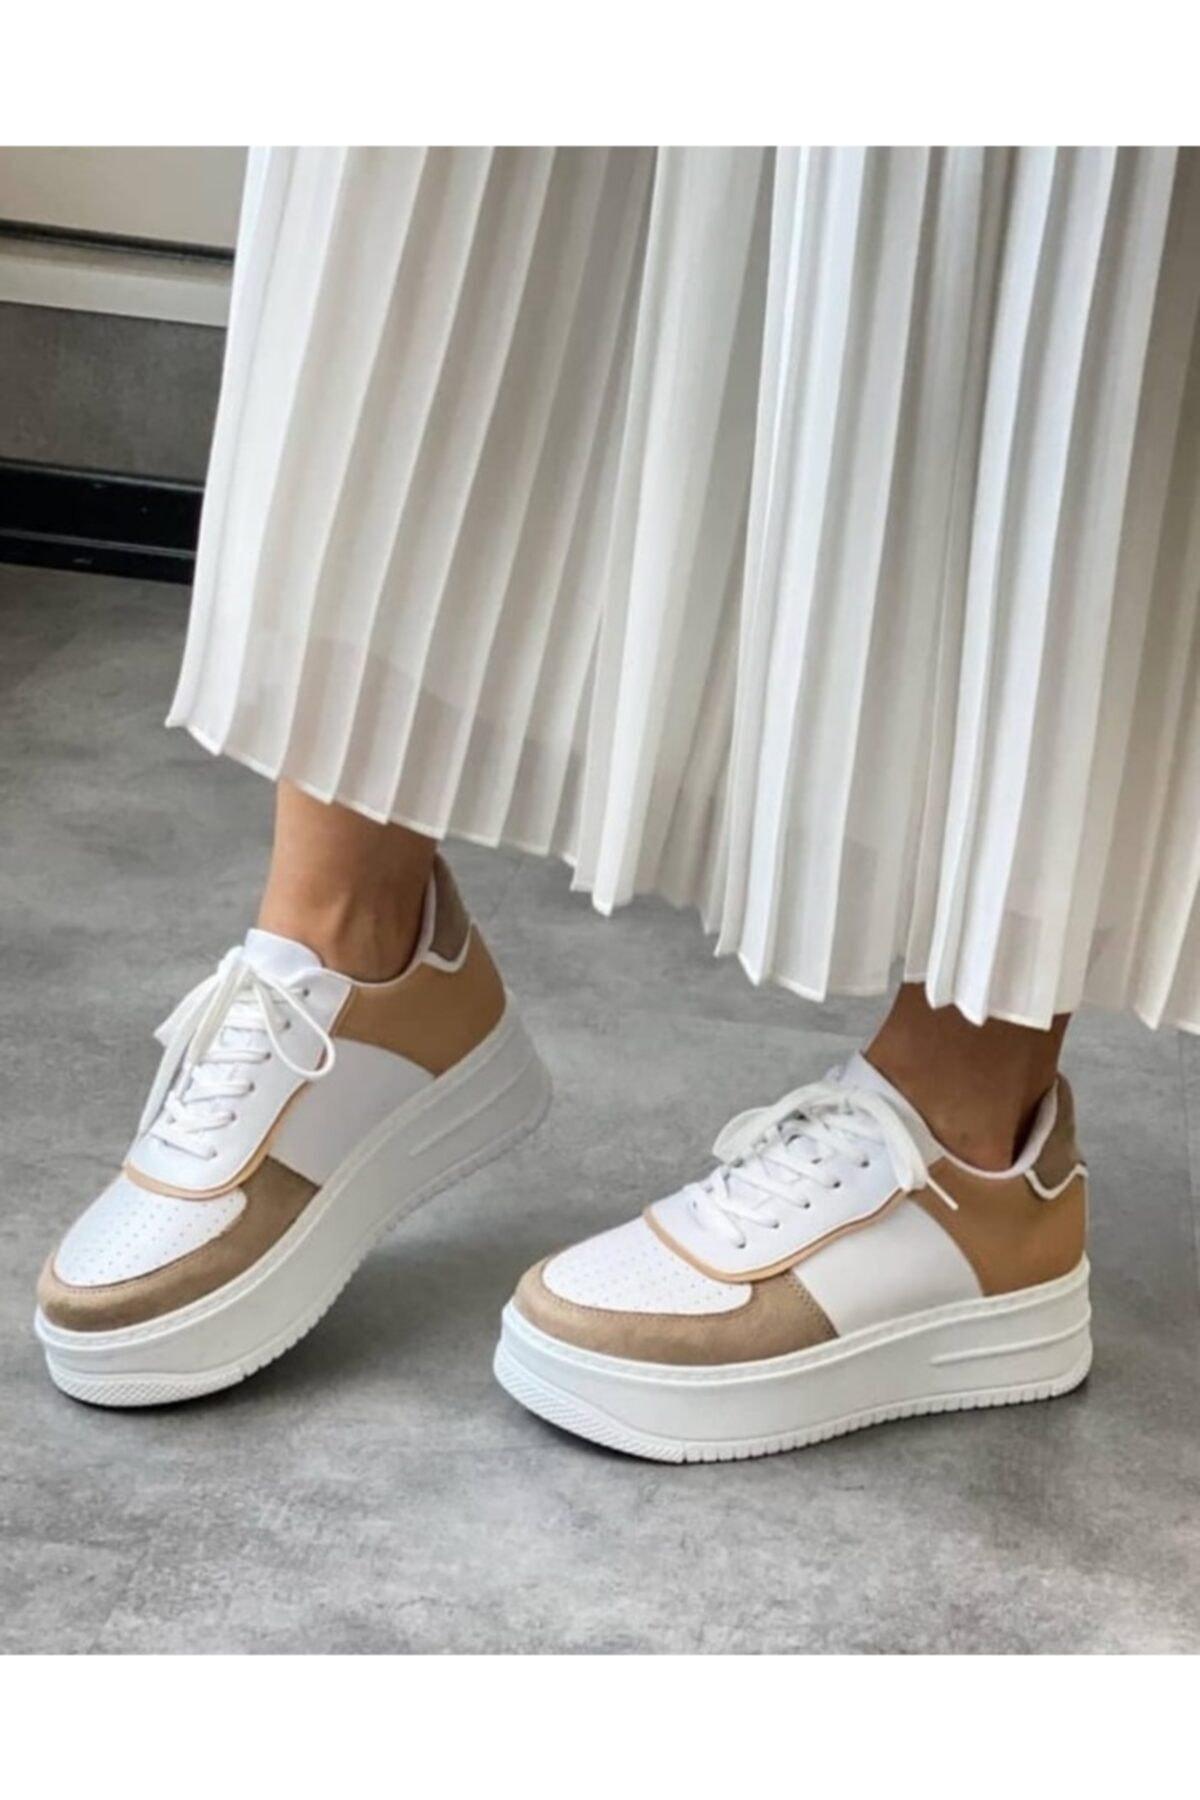 Renkli Beyaz/bej Spor (SNEAKER) Ayakkabı Kadın